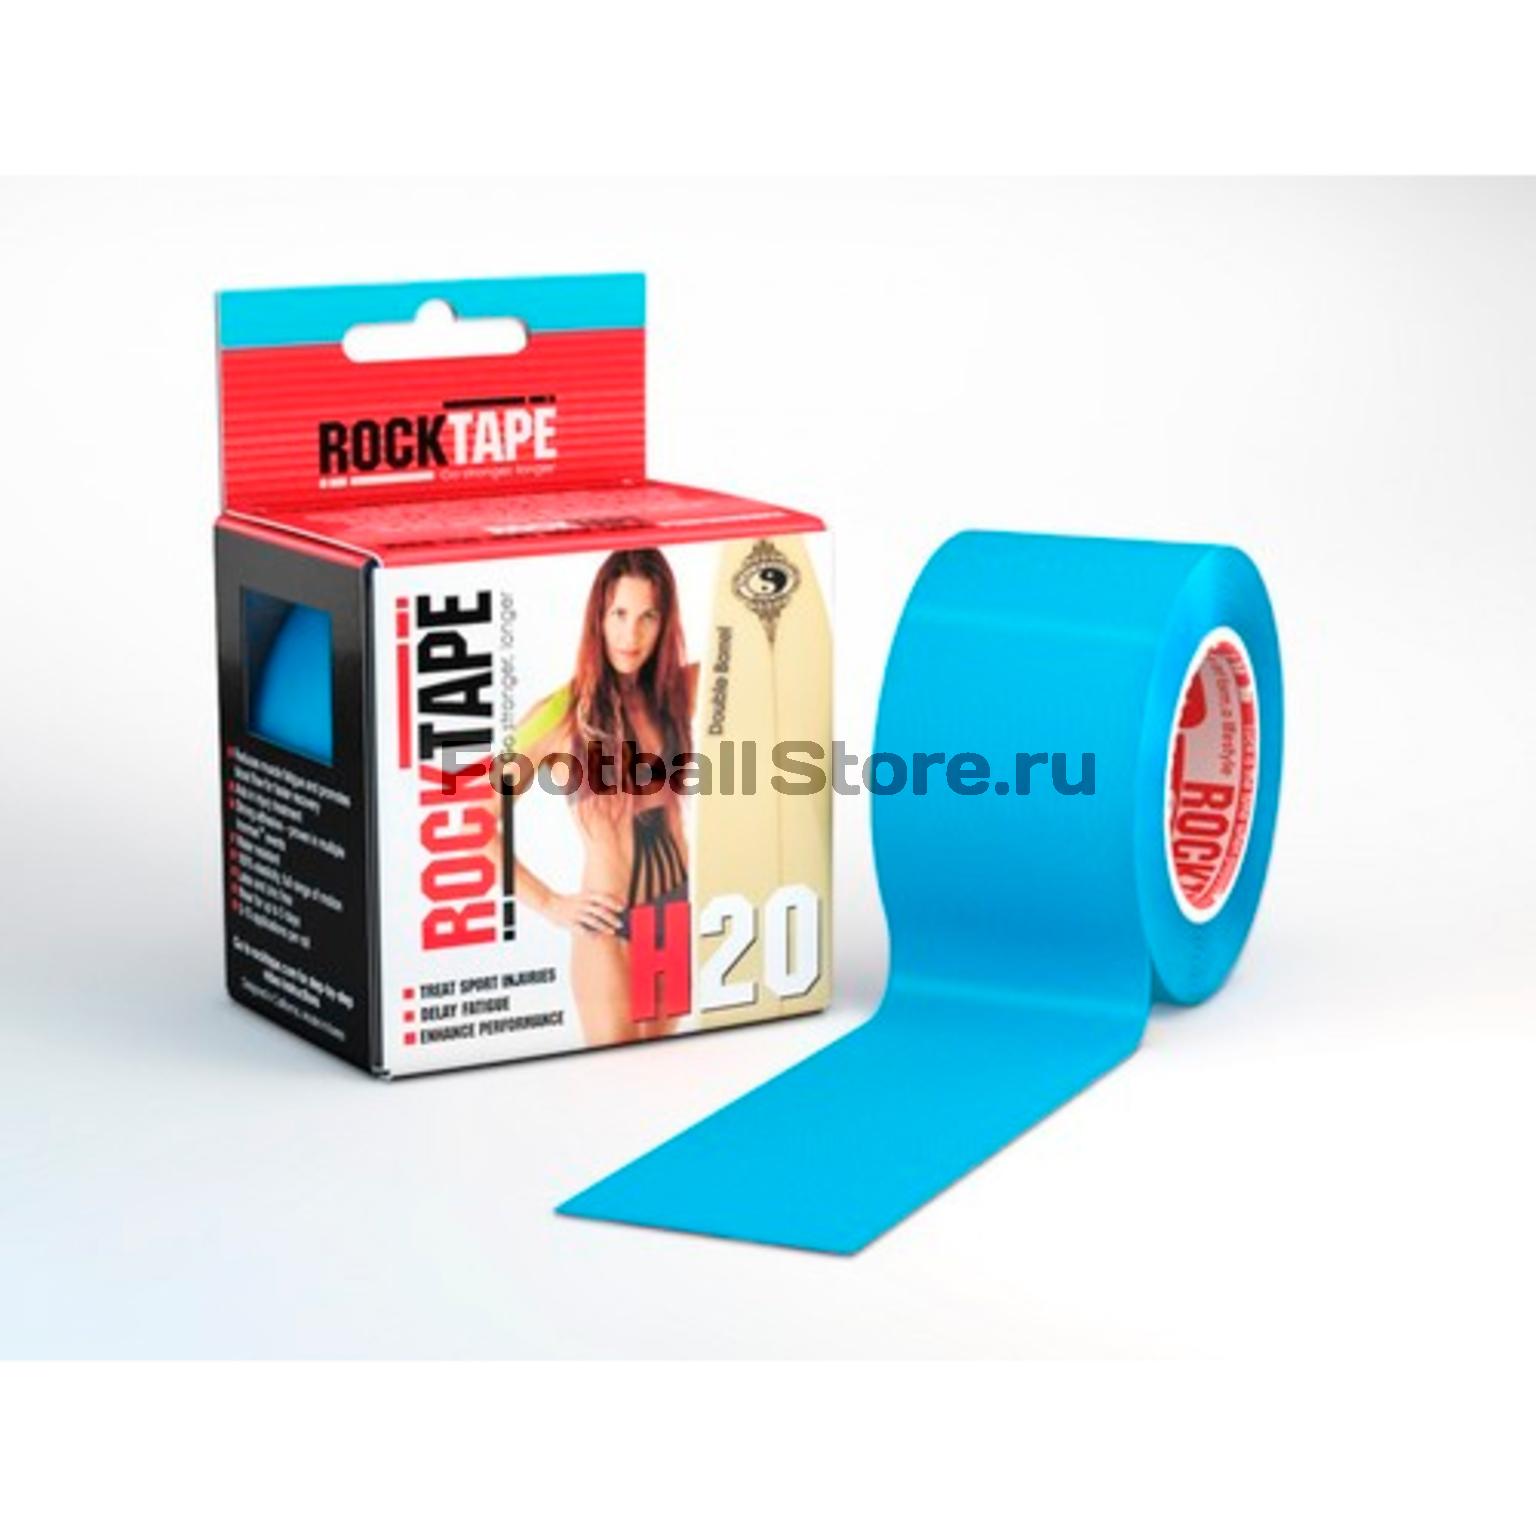 Медицина Rocktape Тейп Кинезио Rocktape, H2O, голубой 5см х 5м кинезия тейп в аптеке